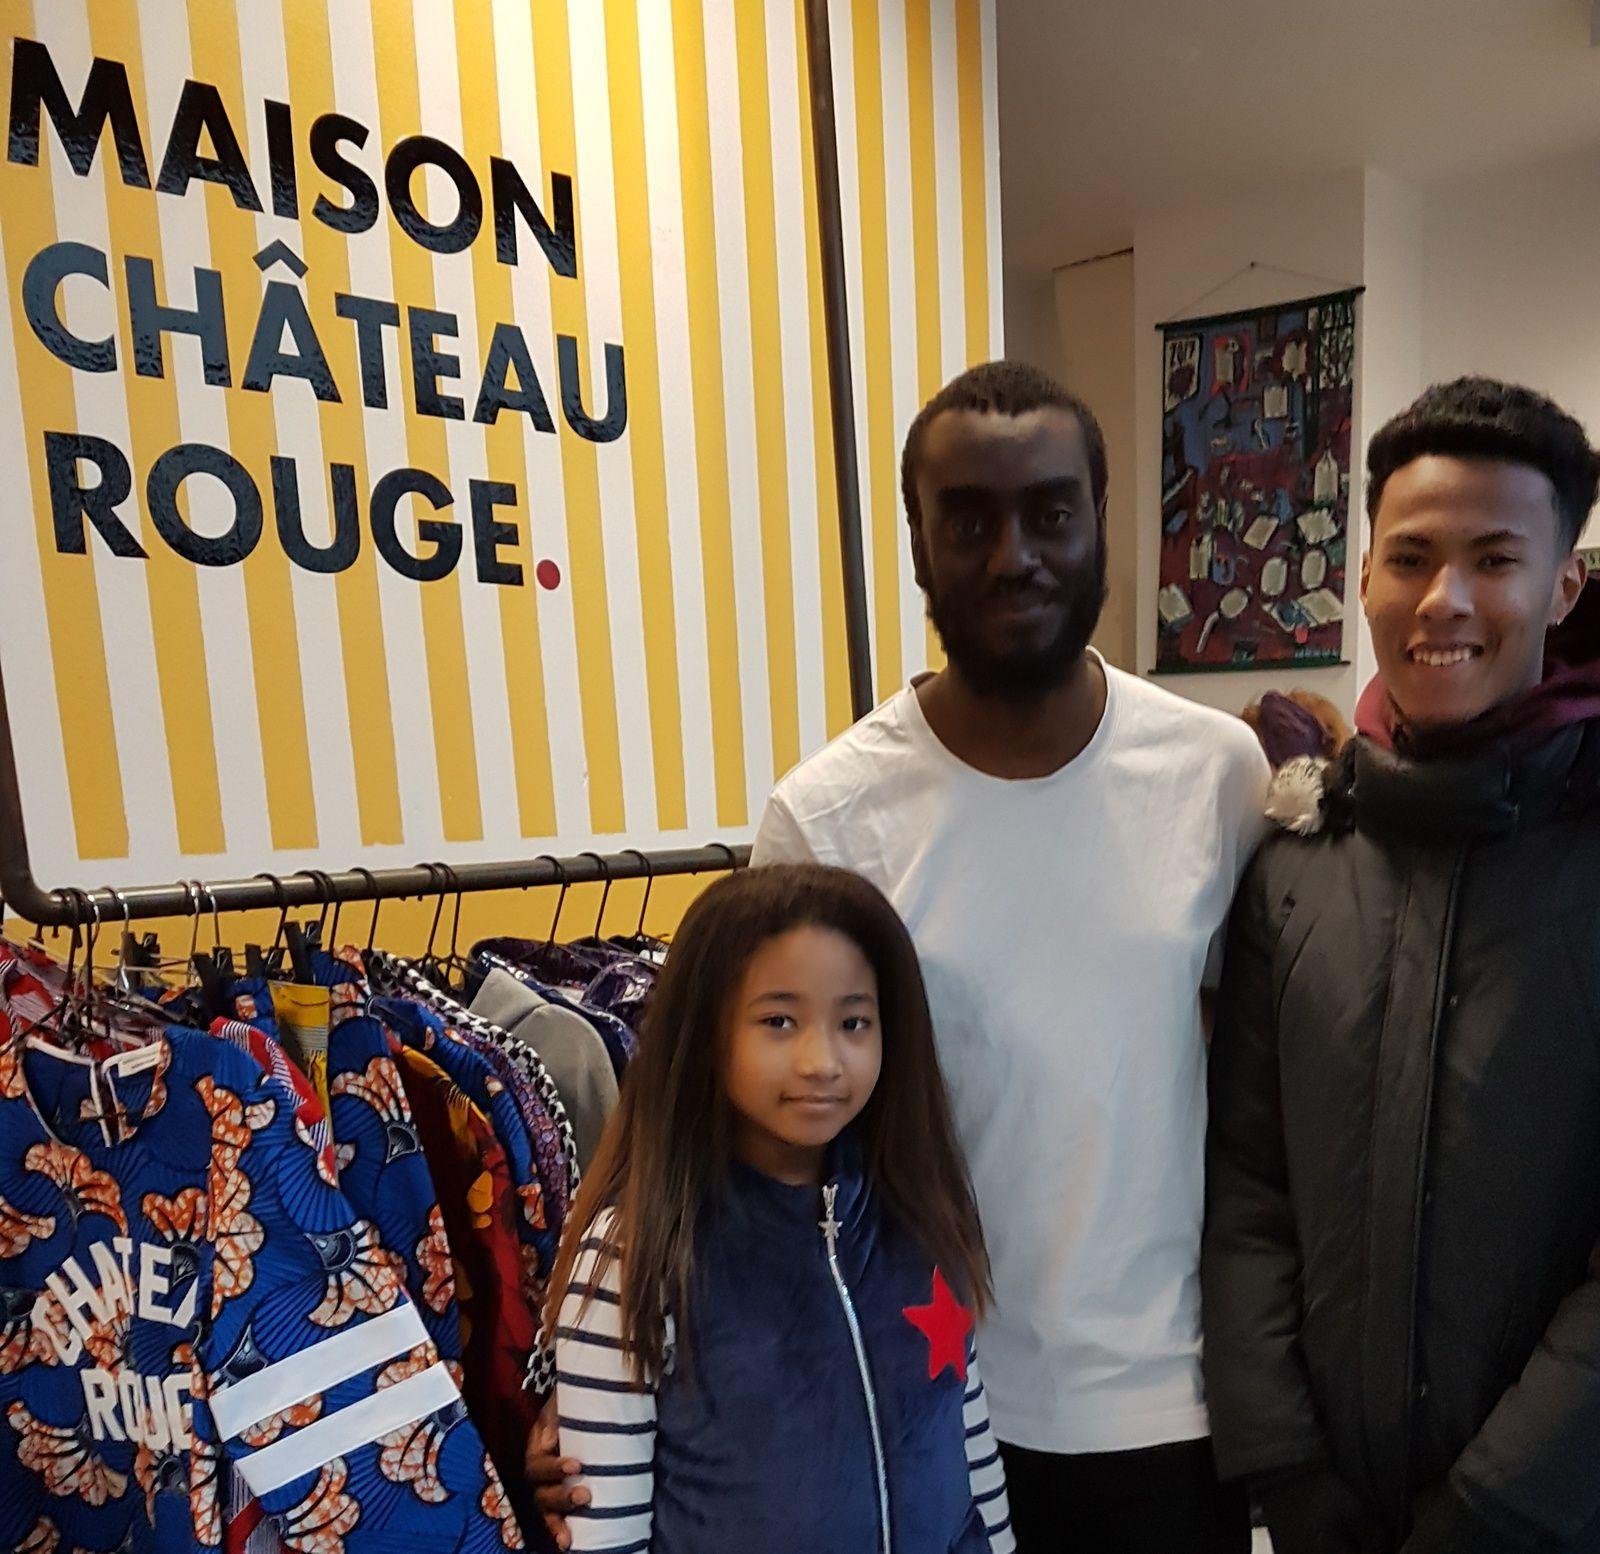 «Youssouf FOFANA et sa «Maison du Château Rouge», à Paris 18ème» par M. Amadou Bal BA - http://baamadou.over-blog.fr/